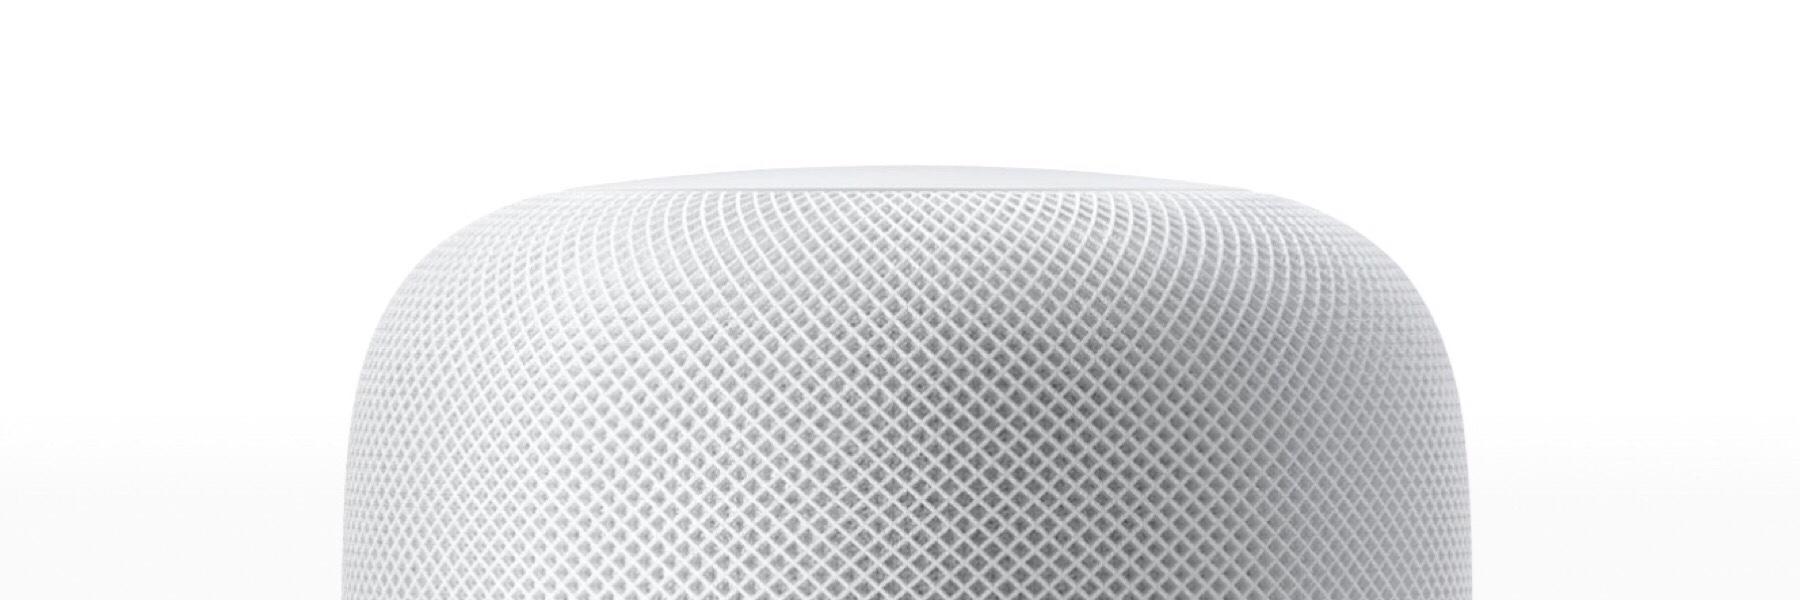 HomKit Szene kann voraussichtlich Siri vom HomePod deaktivieren